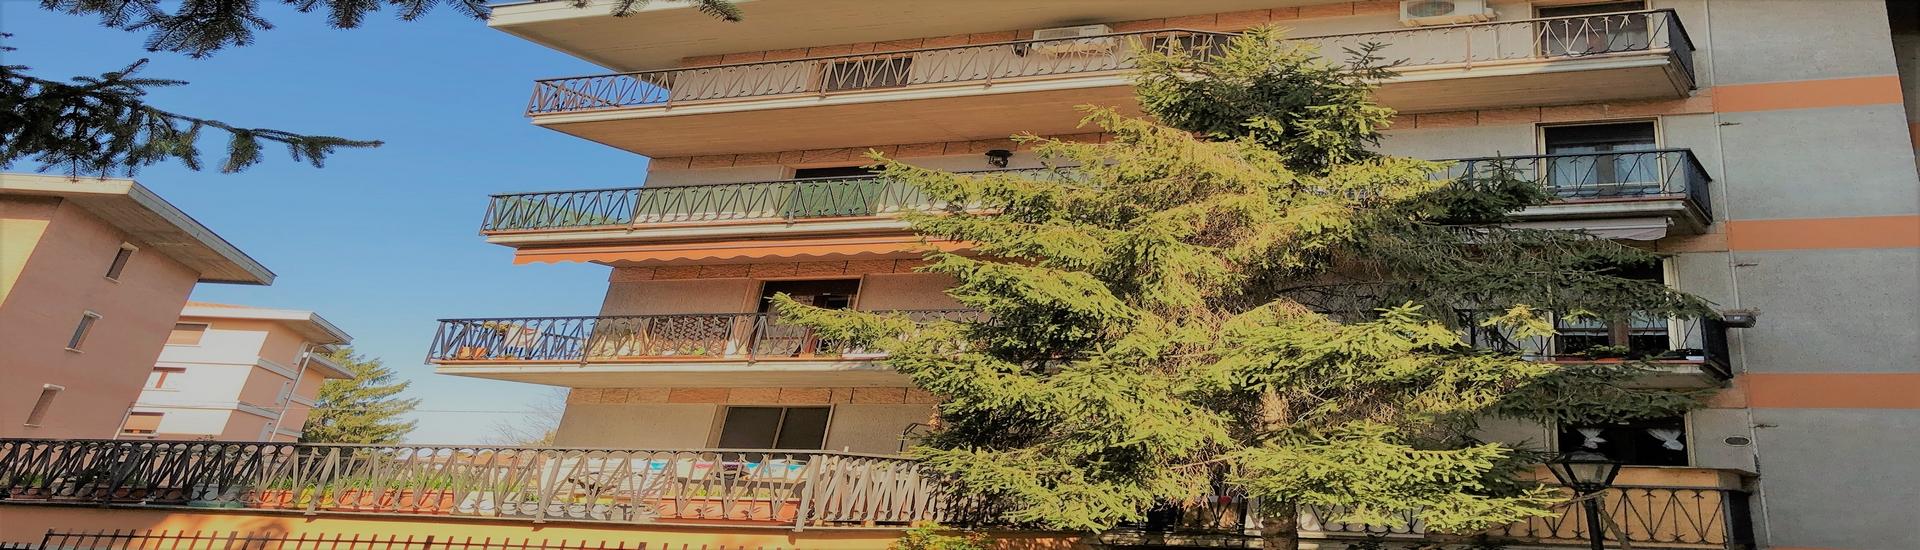 COLORNO AFFARE UNICO 126mq con terrazzo, EURO 108.000